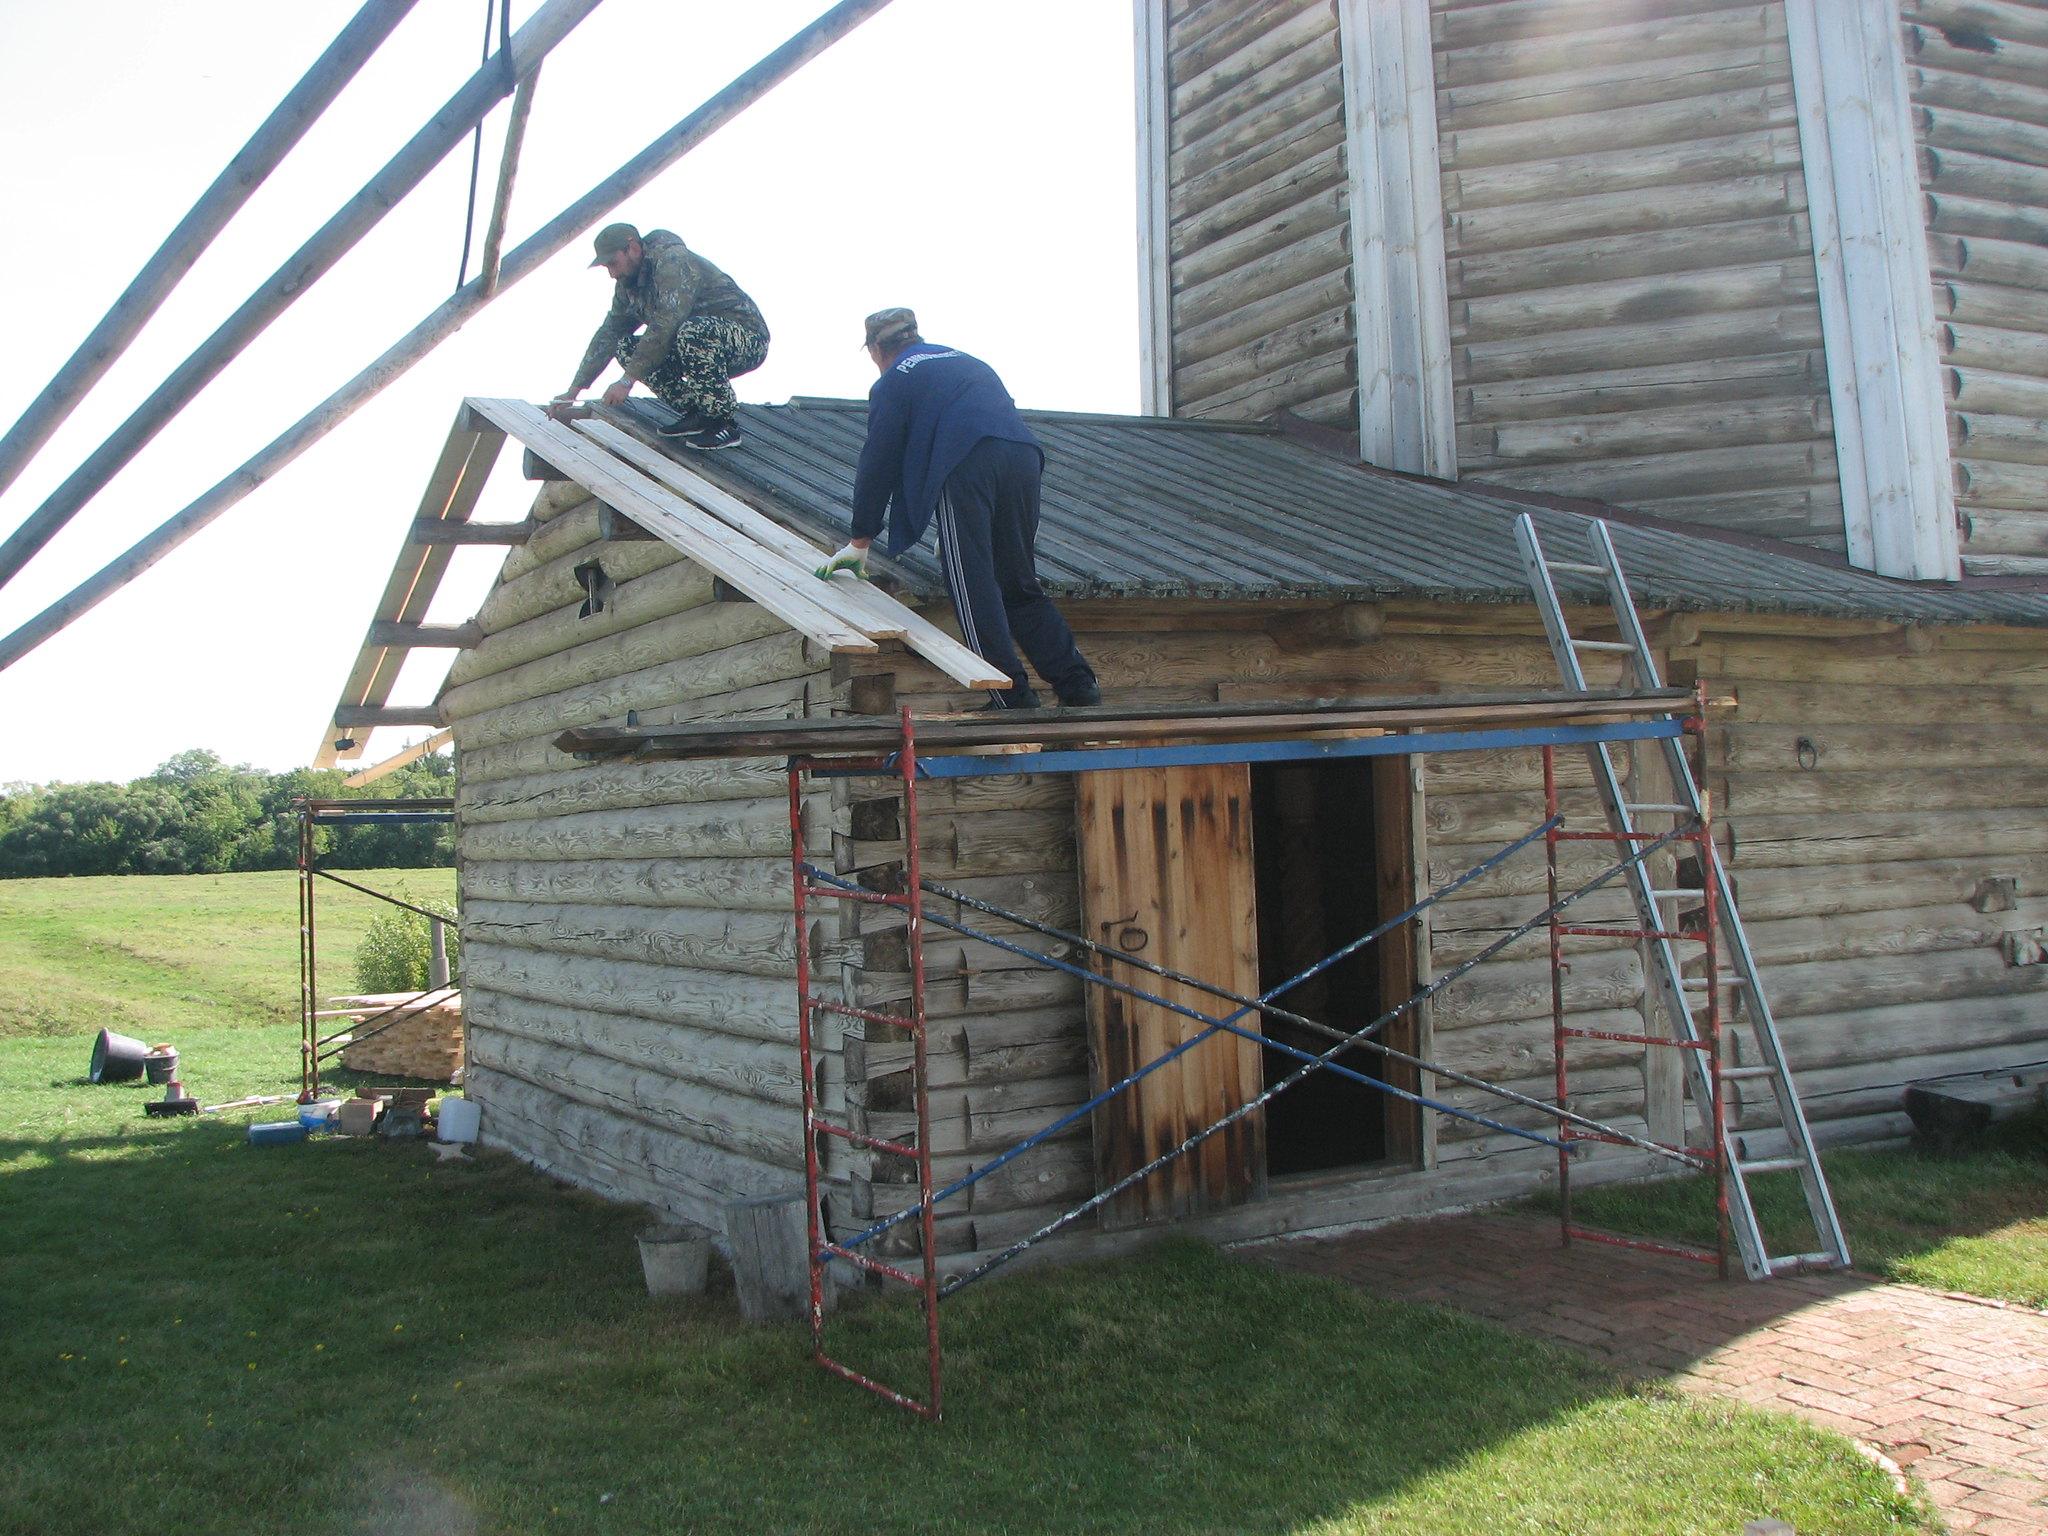 В музее-заповеднике «Тарханы» специалистами фирмы «Реставрация» выполнены реставрационные работы дощатой кровли пристроев и фасадов деревянной ветряной мельницы